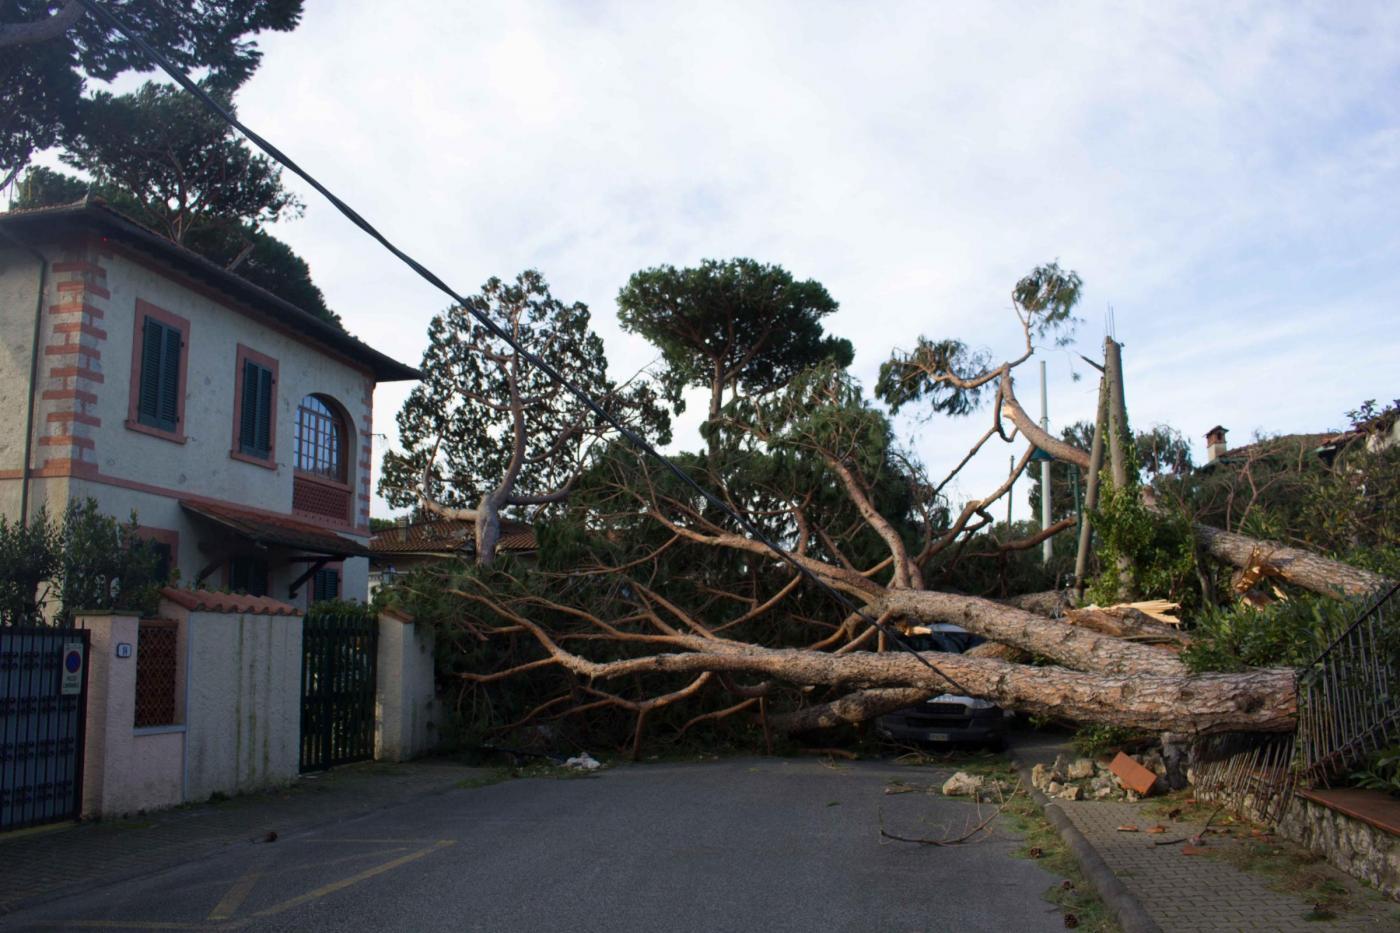 Sradicamenti un 39 opera d 39 arte con gli alberi abbattuti dal maltempo - Il giardino forte dei marmi ...